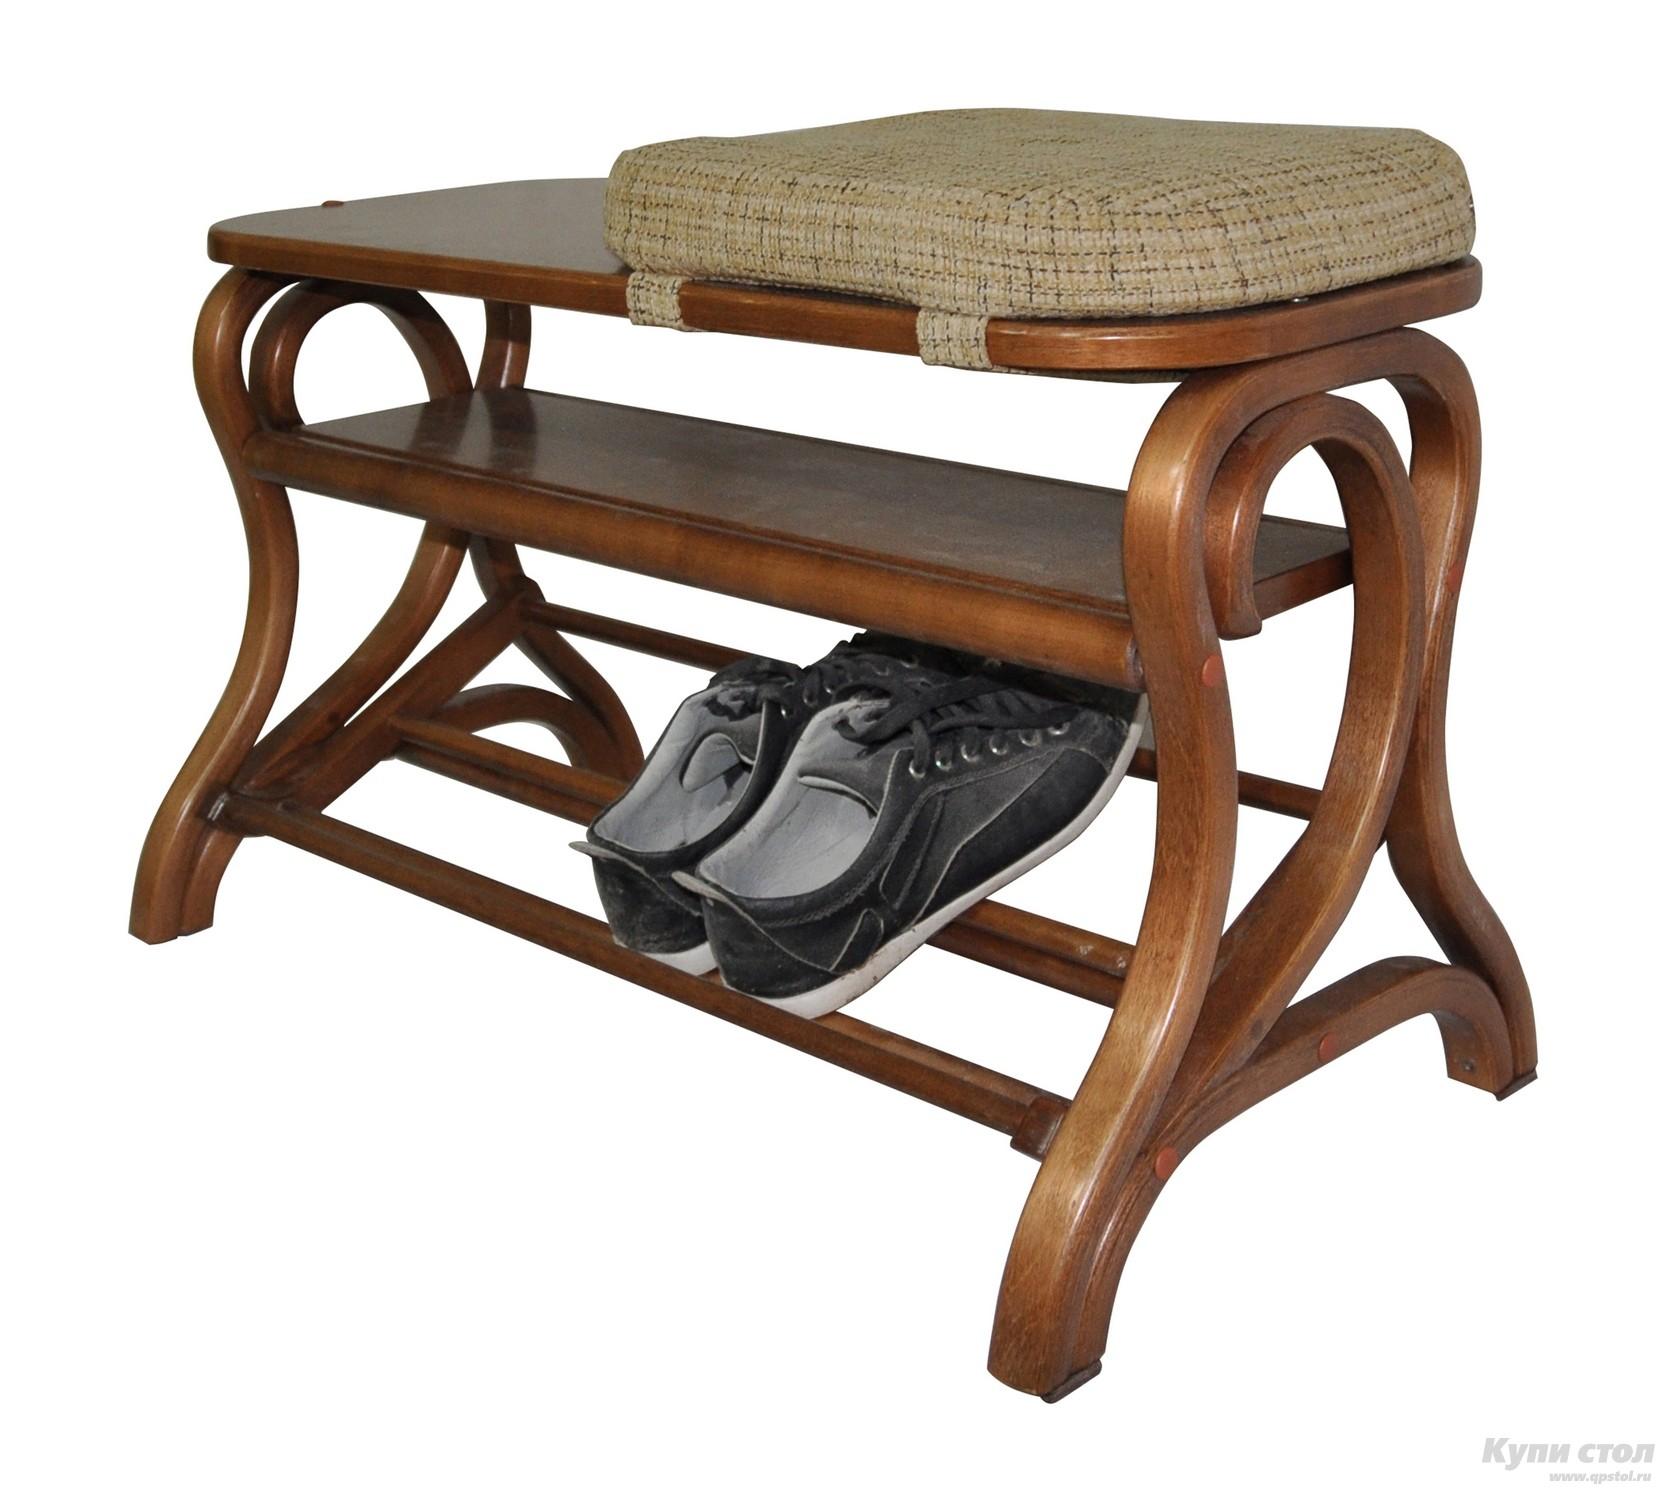 Обувница Мебелик Подставка под обувь Диана Средне-коричневый от Купистол